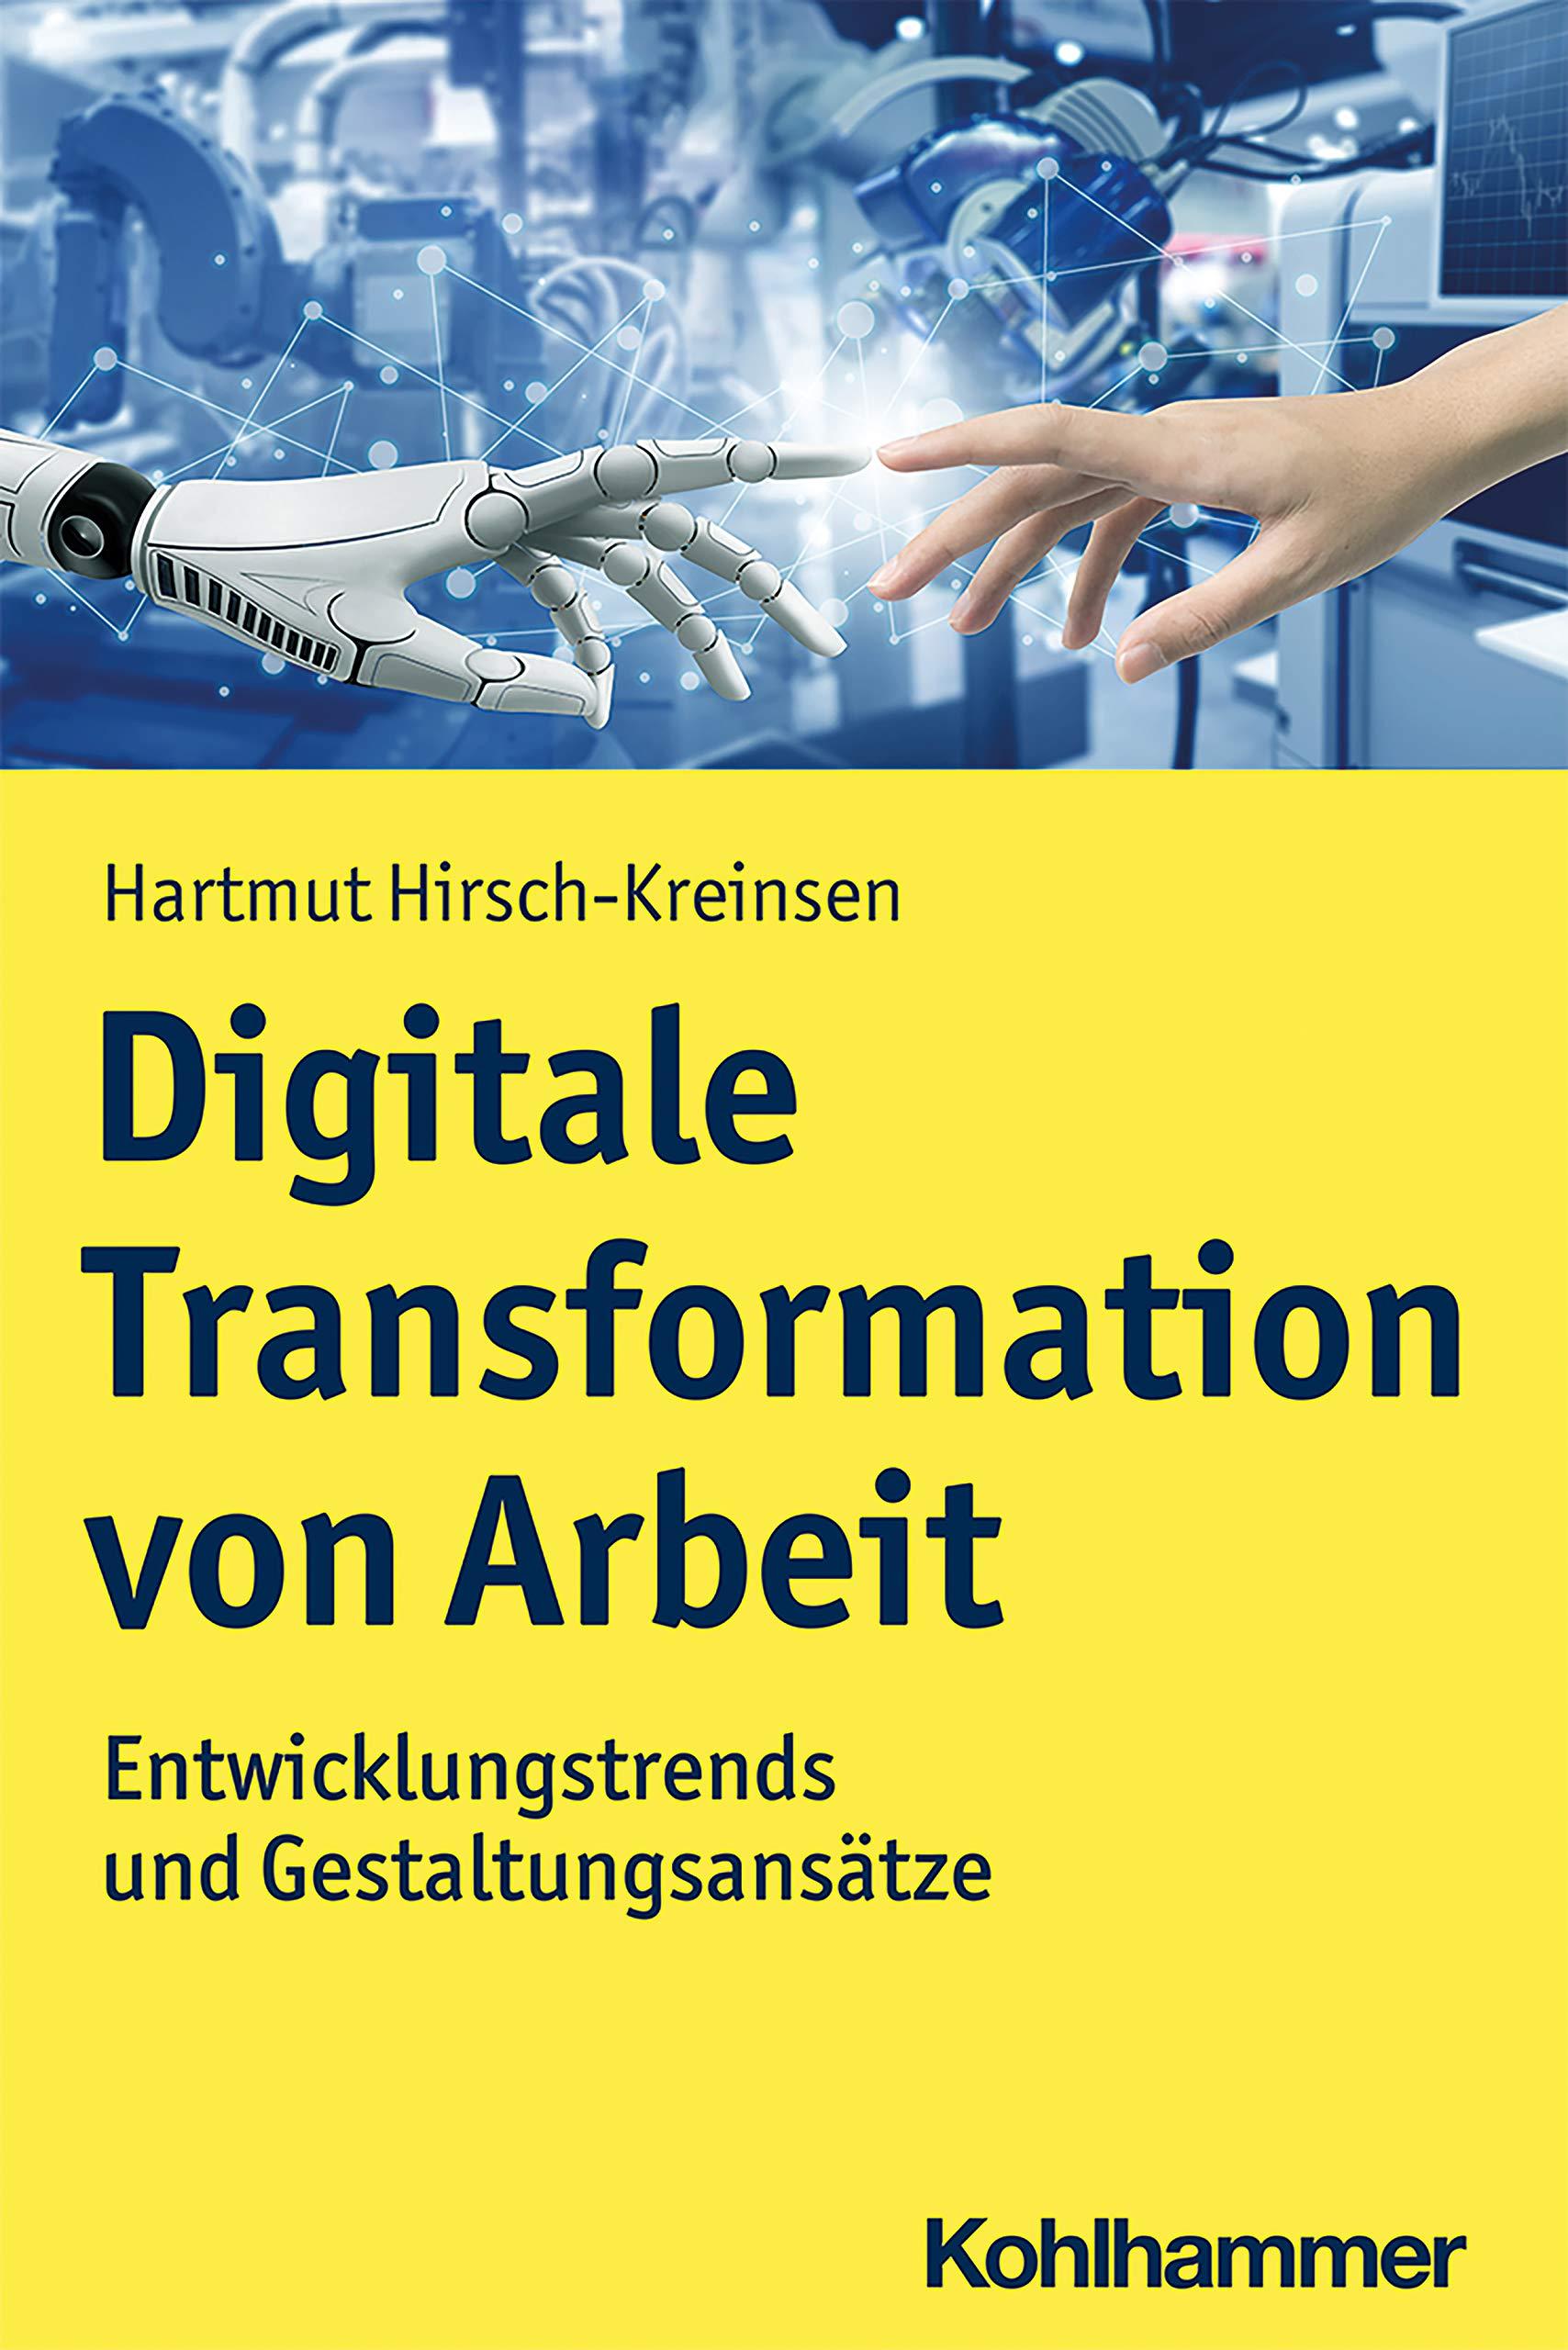 Digitale Transformation von Arbeit: Entwicklungstrends und Gestaltungsansätze (German Edition)